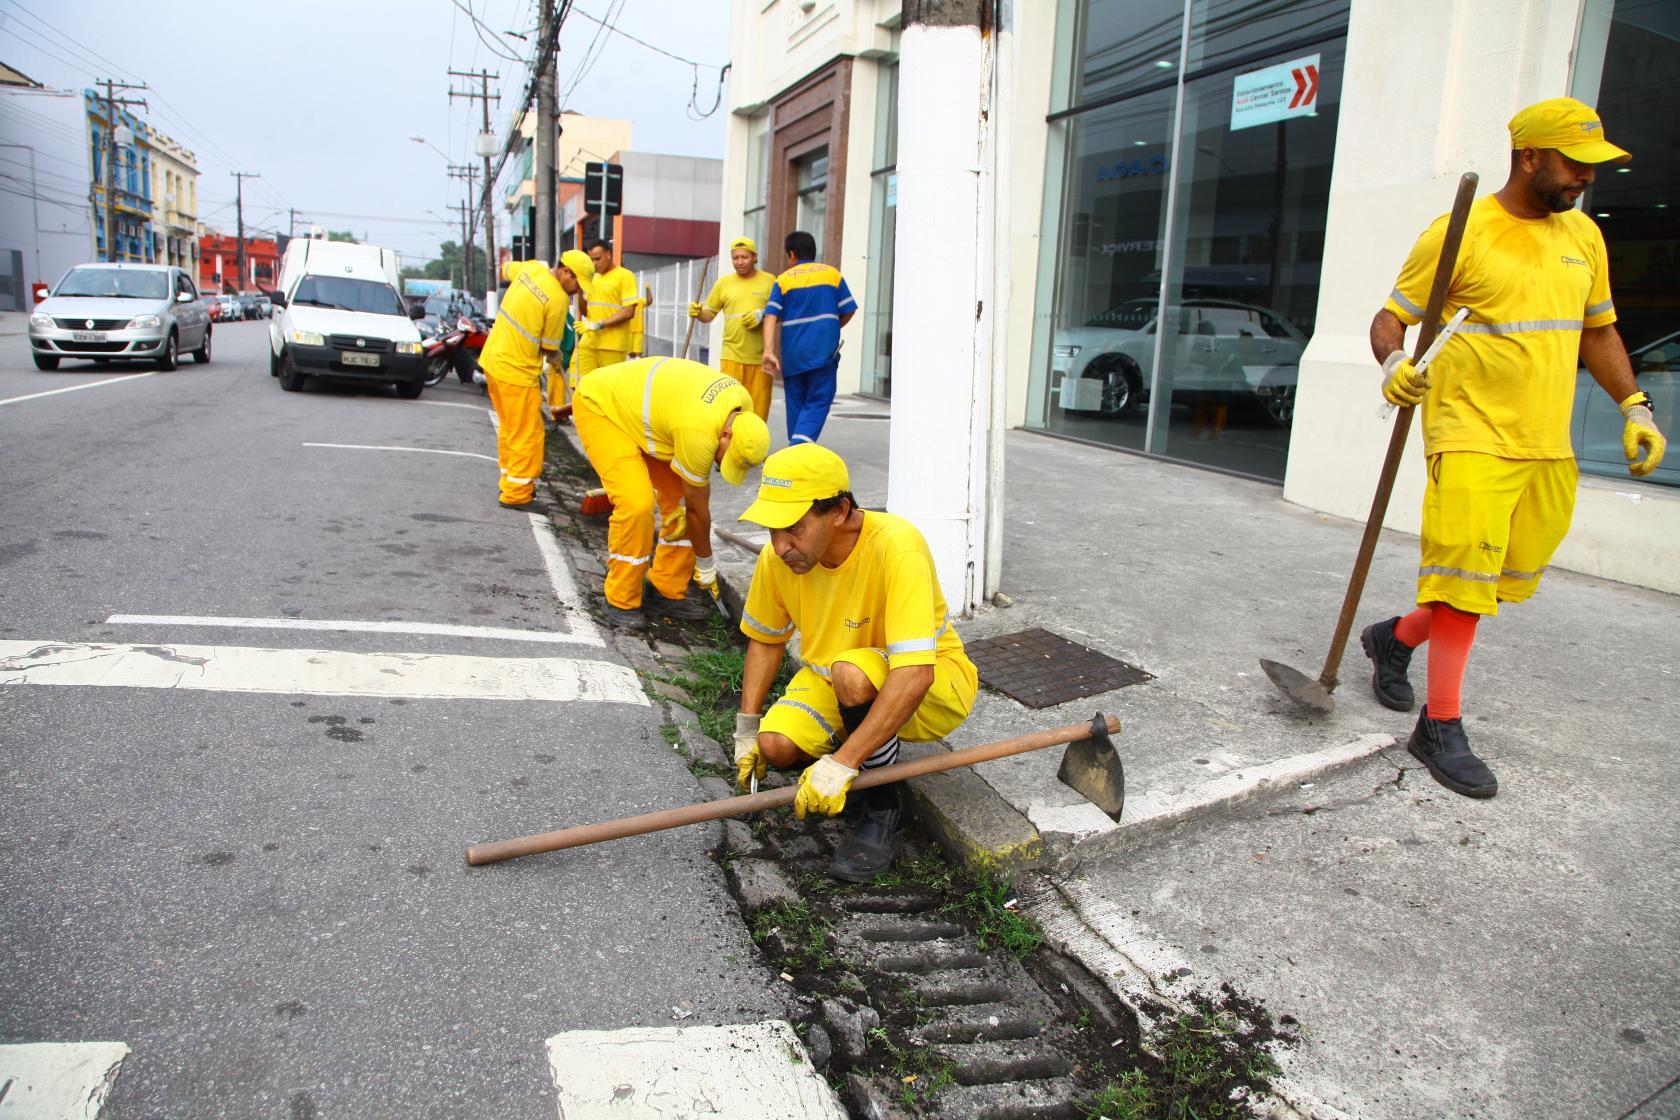 Funcionários limpam sistema de drenagem com acesso por bocas de lobo. #Pracegover